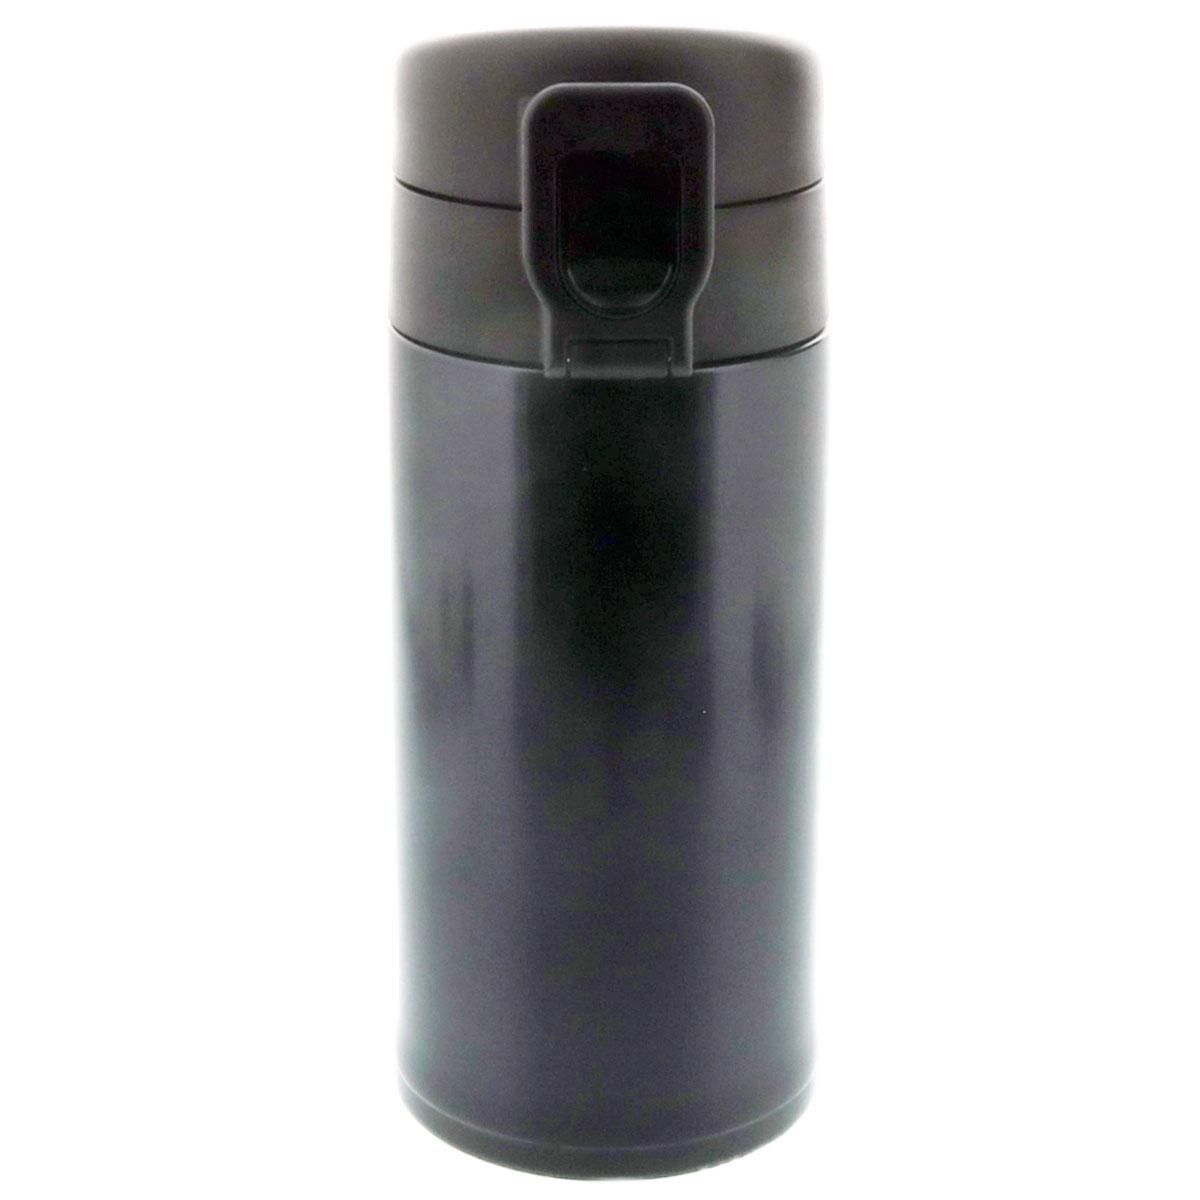 フェザーマグ 軽量ワンタッチマグボトル 350ml ロックリング付